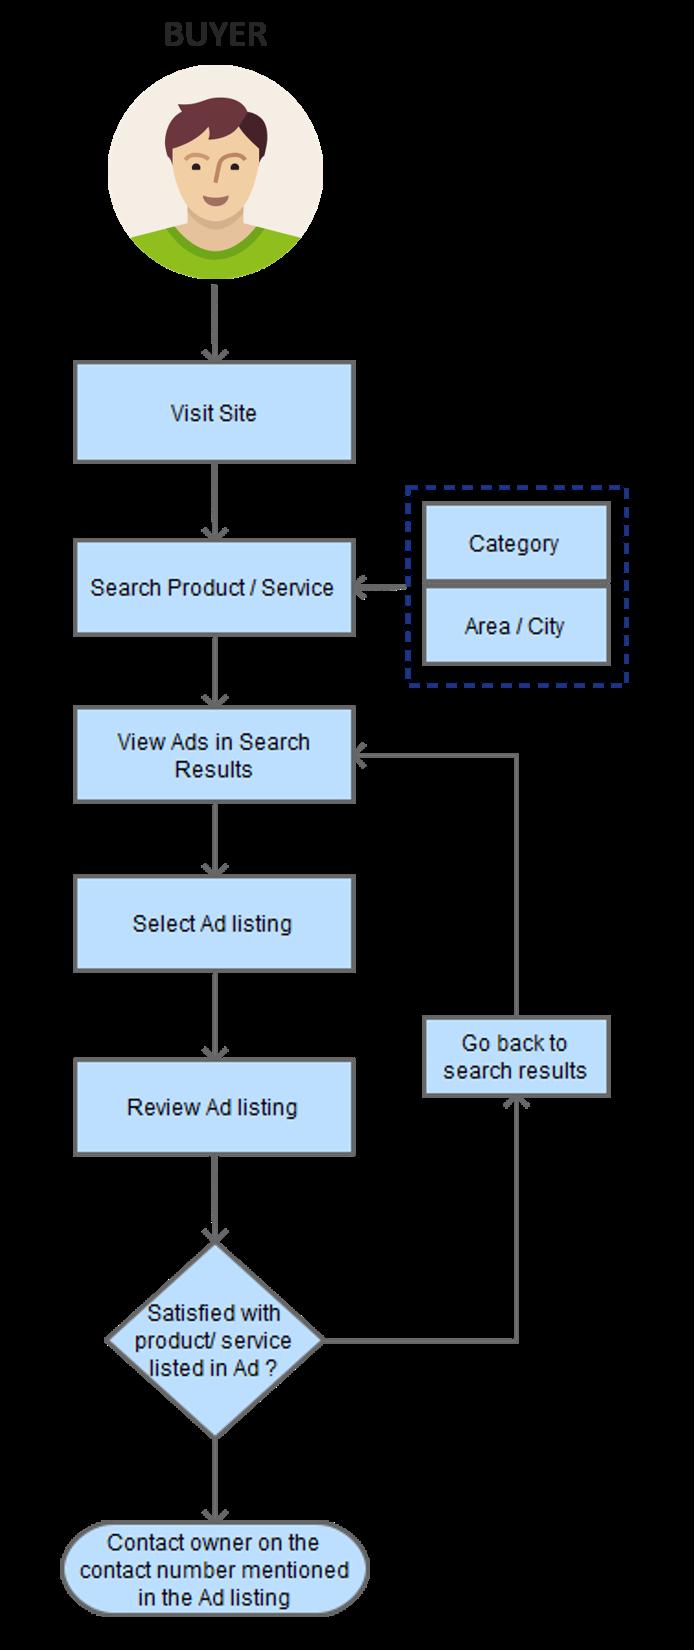 Ad Search Process